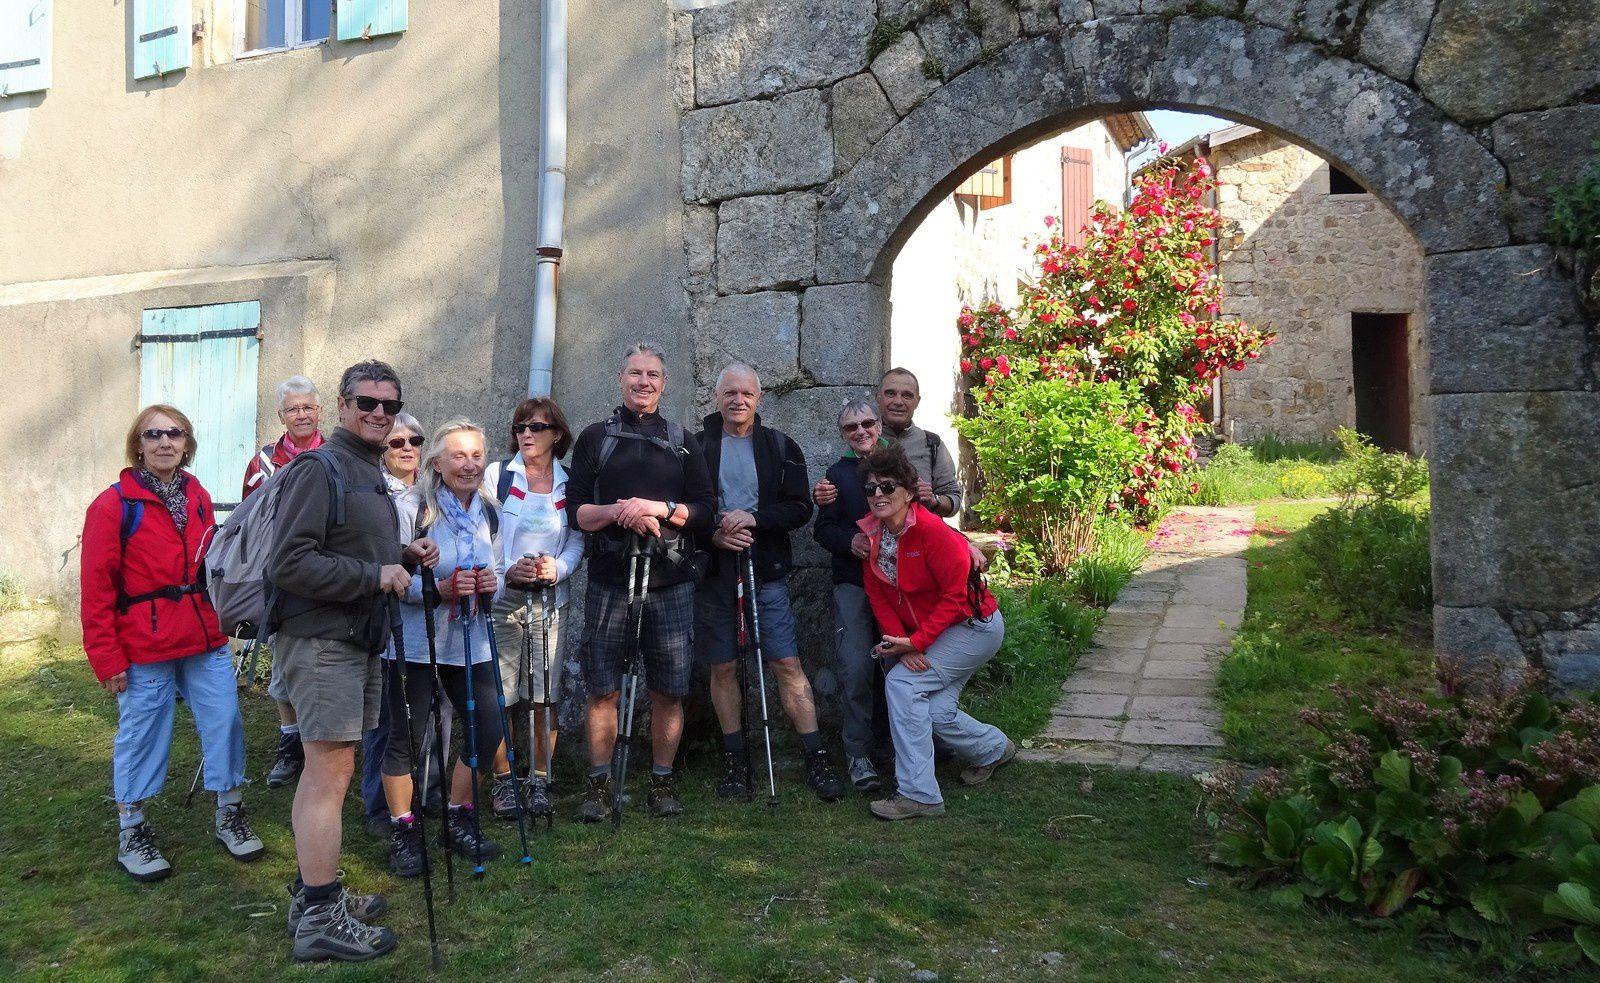 12 randonneurs aujourd'hui pour une boucle à la journée en partant de la mairie de St Maurice en Chalencon.